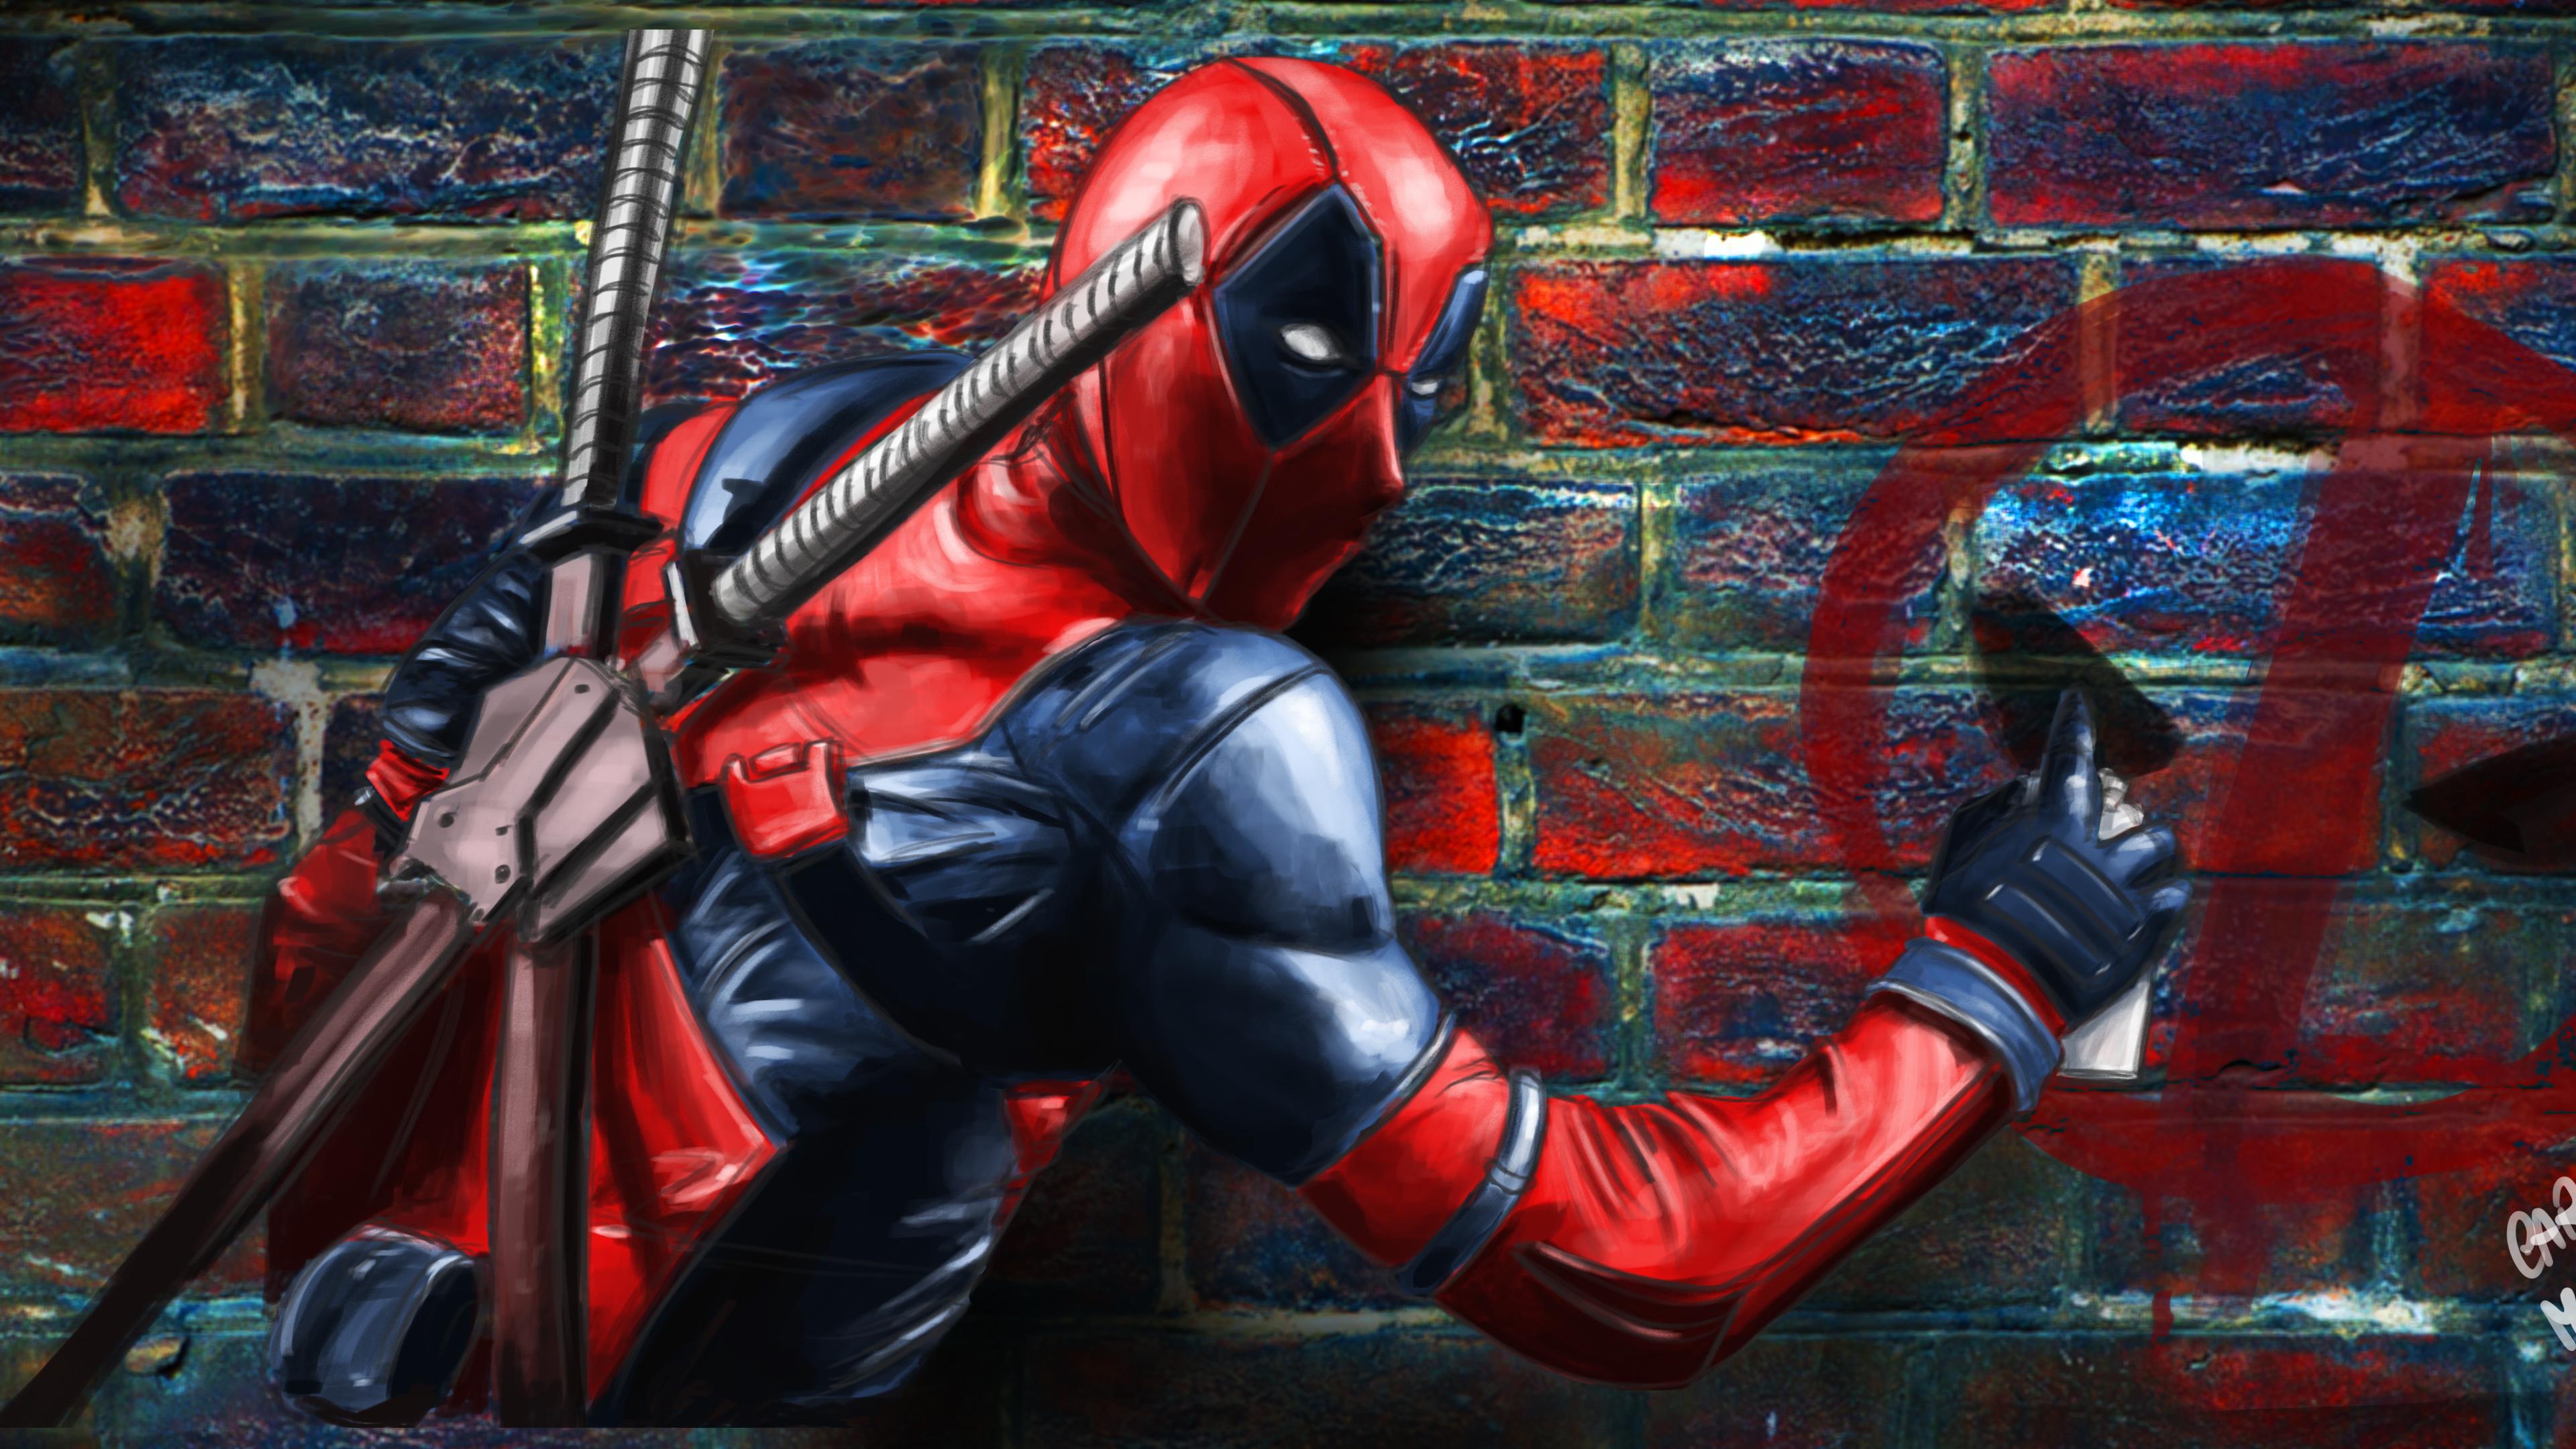 deadpool painting on the wall 1539452804 - Deadpool Painting On The Wall - superheroes wallpapers, hd-wallpapers, funny wallpapers, digital art wallpapers, deadpool wallpapers, artwork wallpapers, artist wallpapers, 5k wallpapers, 4k-wallpapers